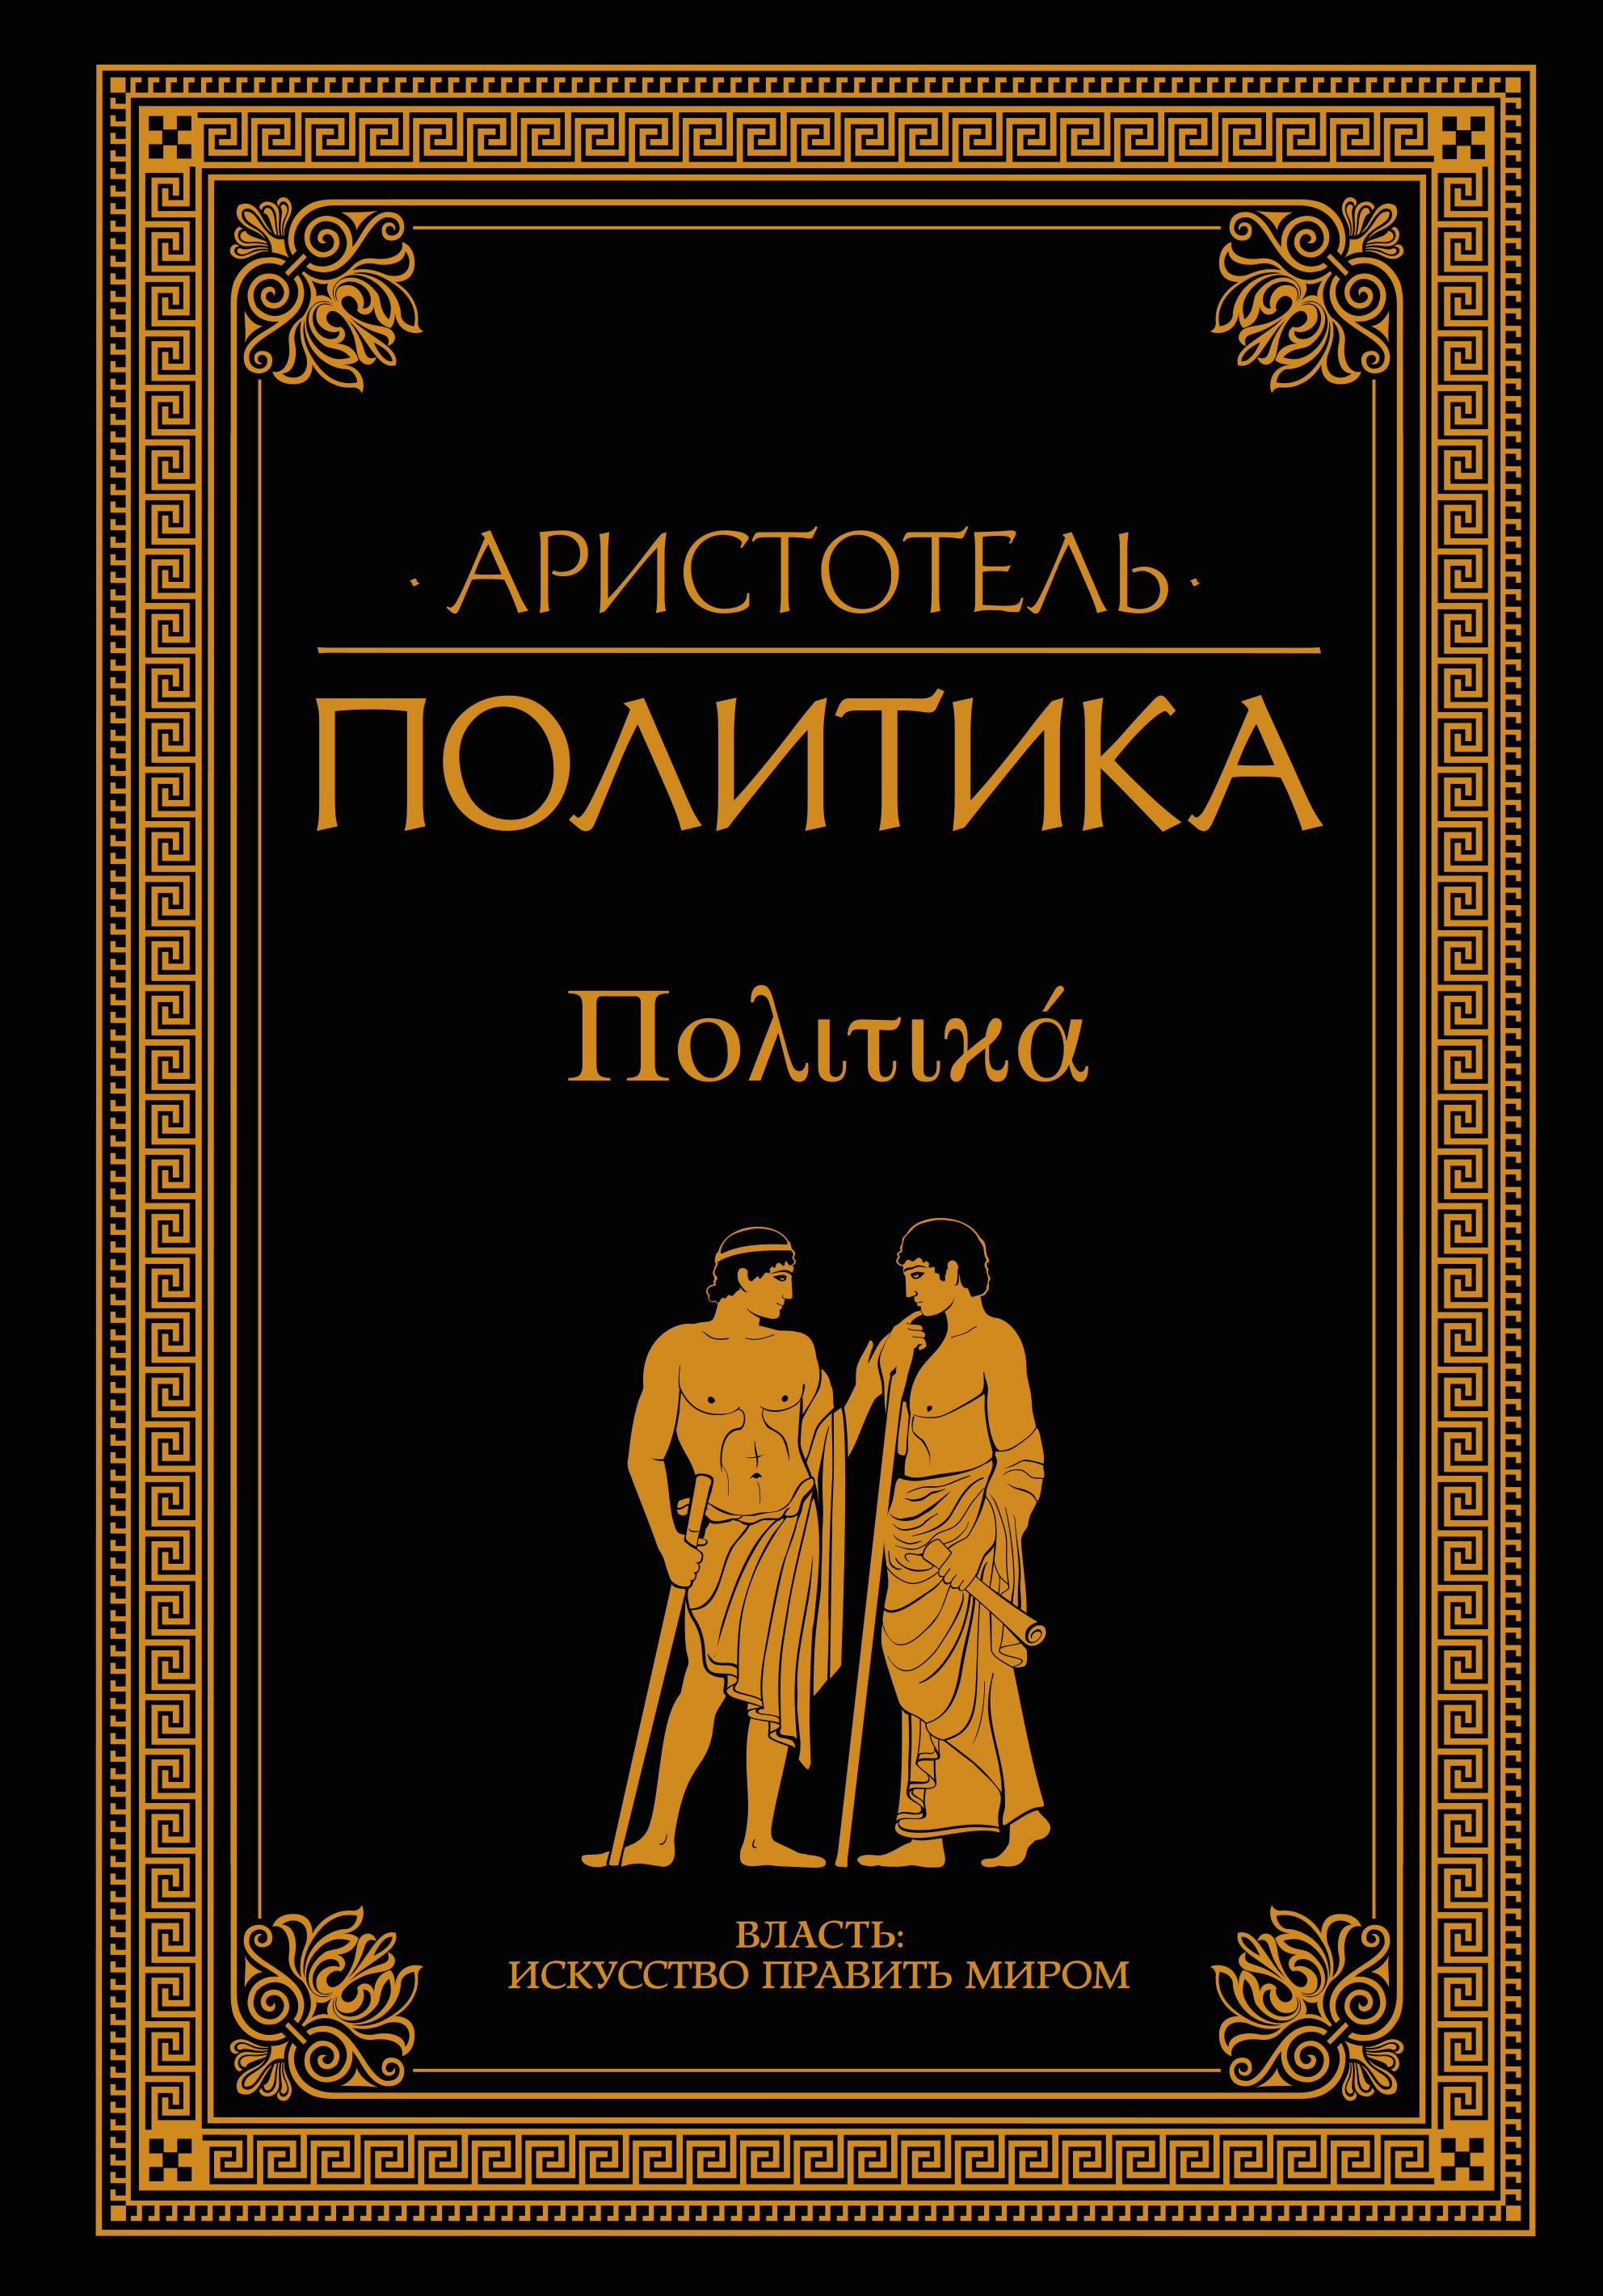 Аристотель Политика аристотель этика политика риторика афоризмы